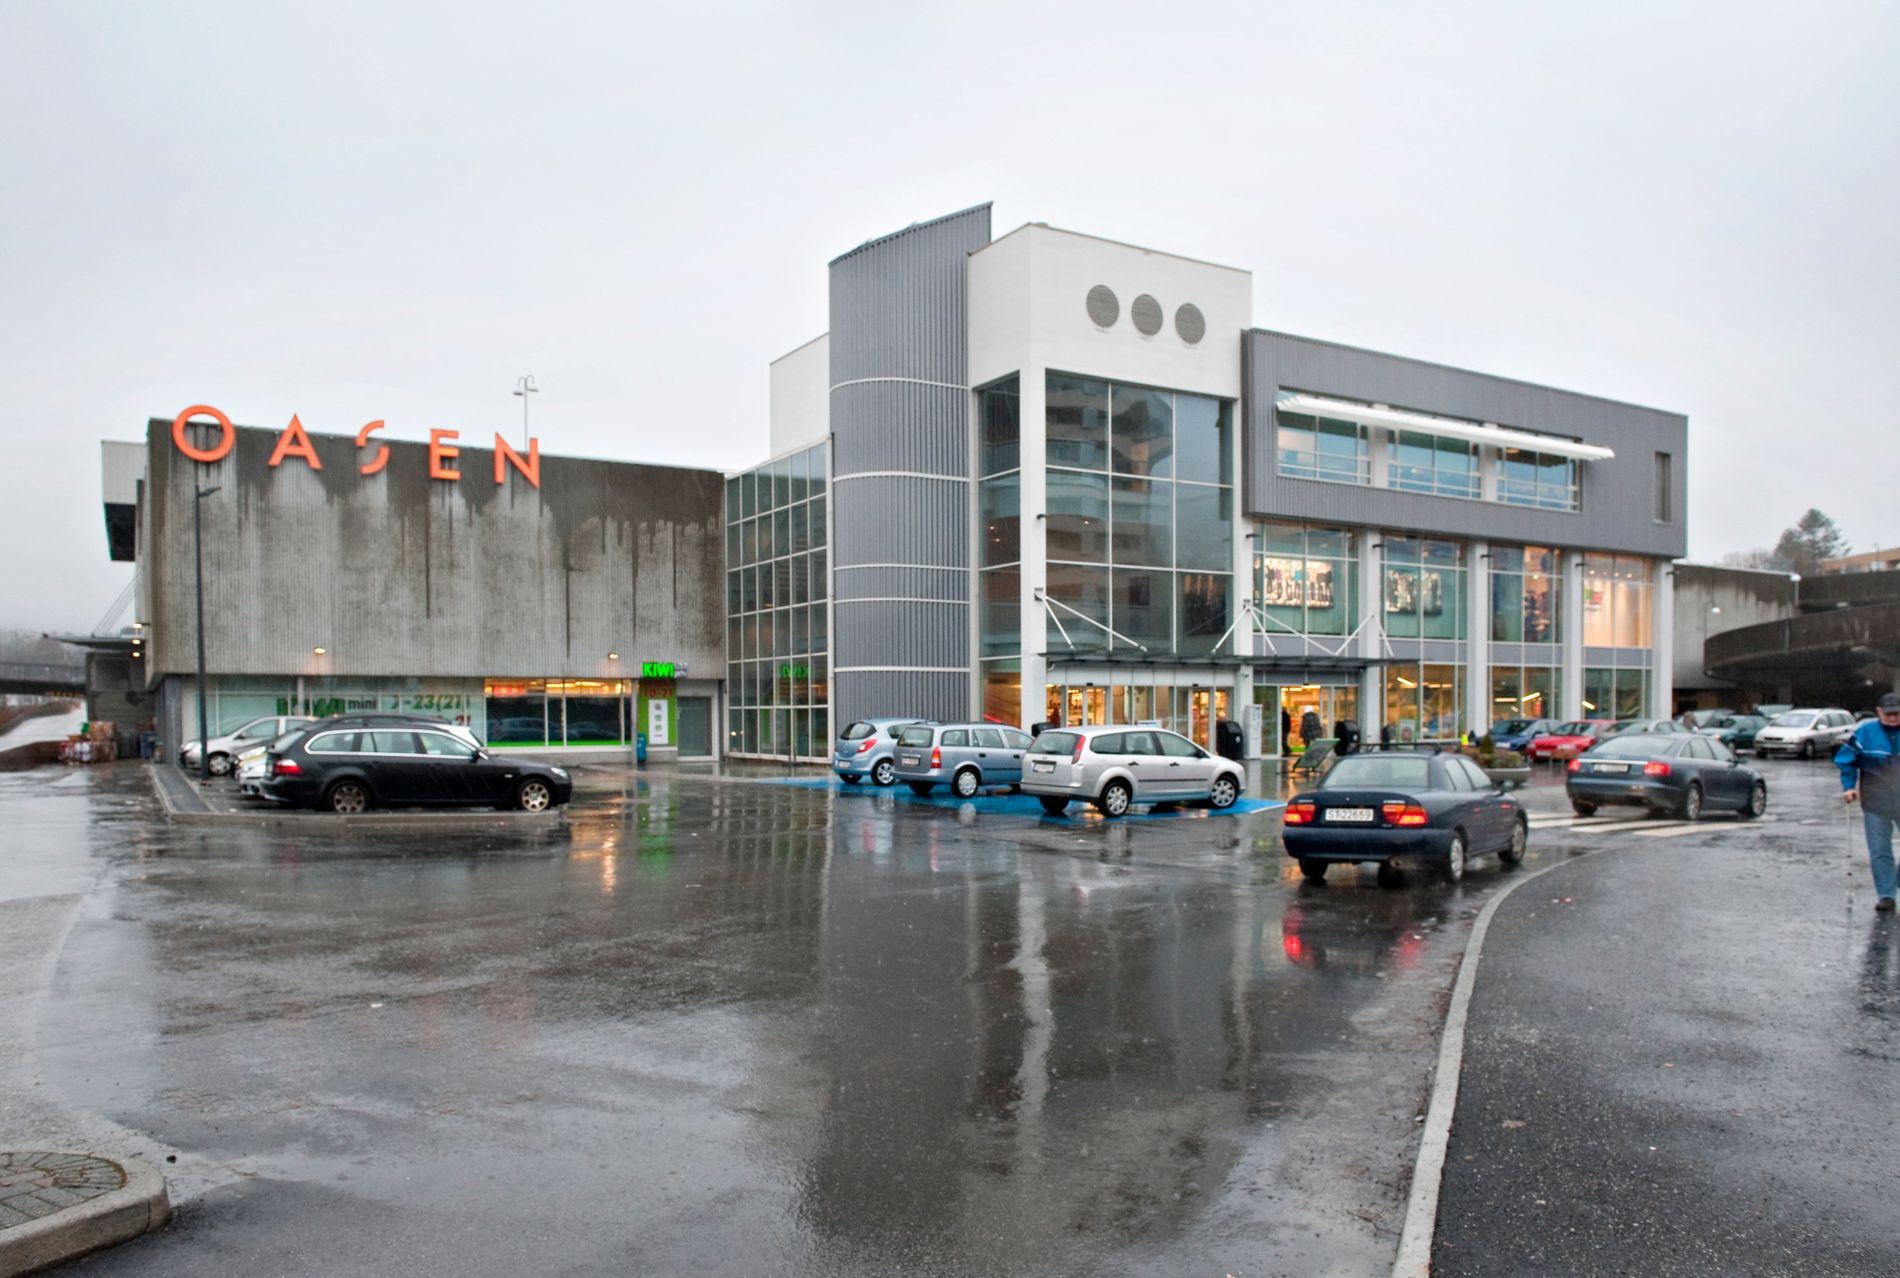 BYGDEBUTIKK: Magne Reigstad skrev i BT lørdag at kjøpesenteret er den romantiserte bygdebutikken i maksiutgave og et viktig sosialt treffpunkt innen gangavstand for tusener. Alt under tak.